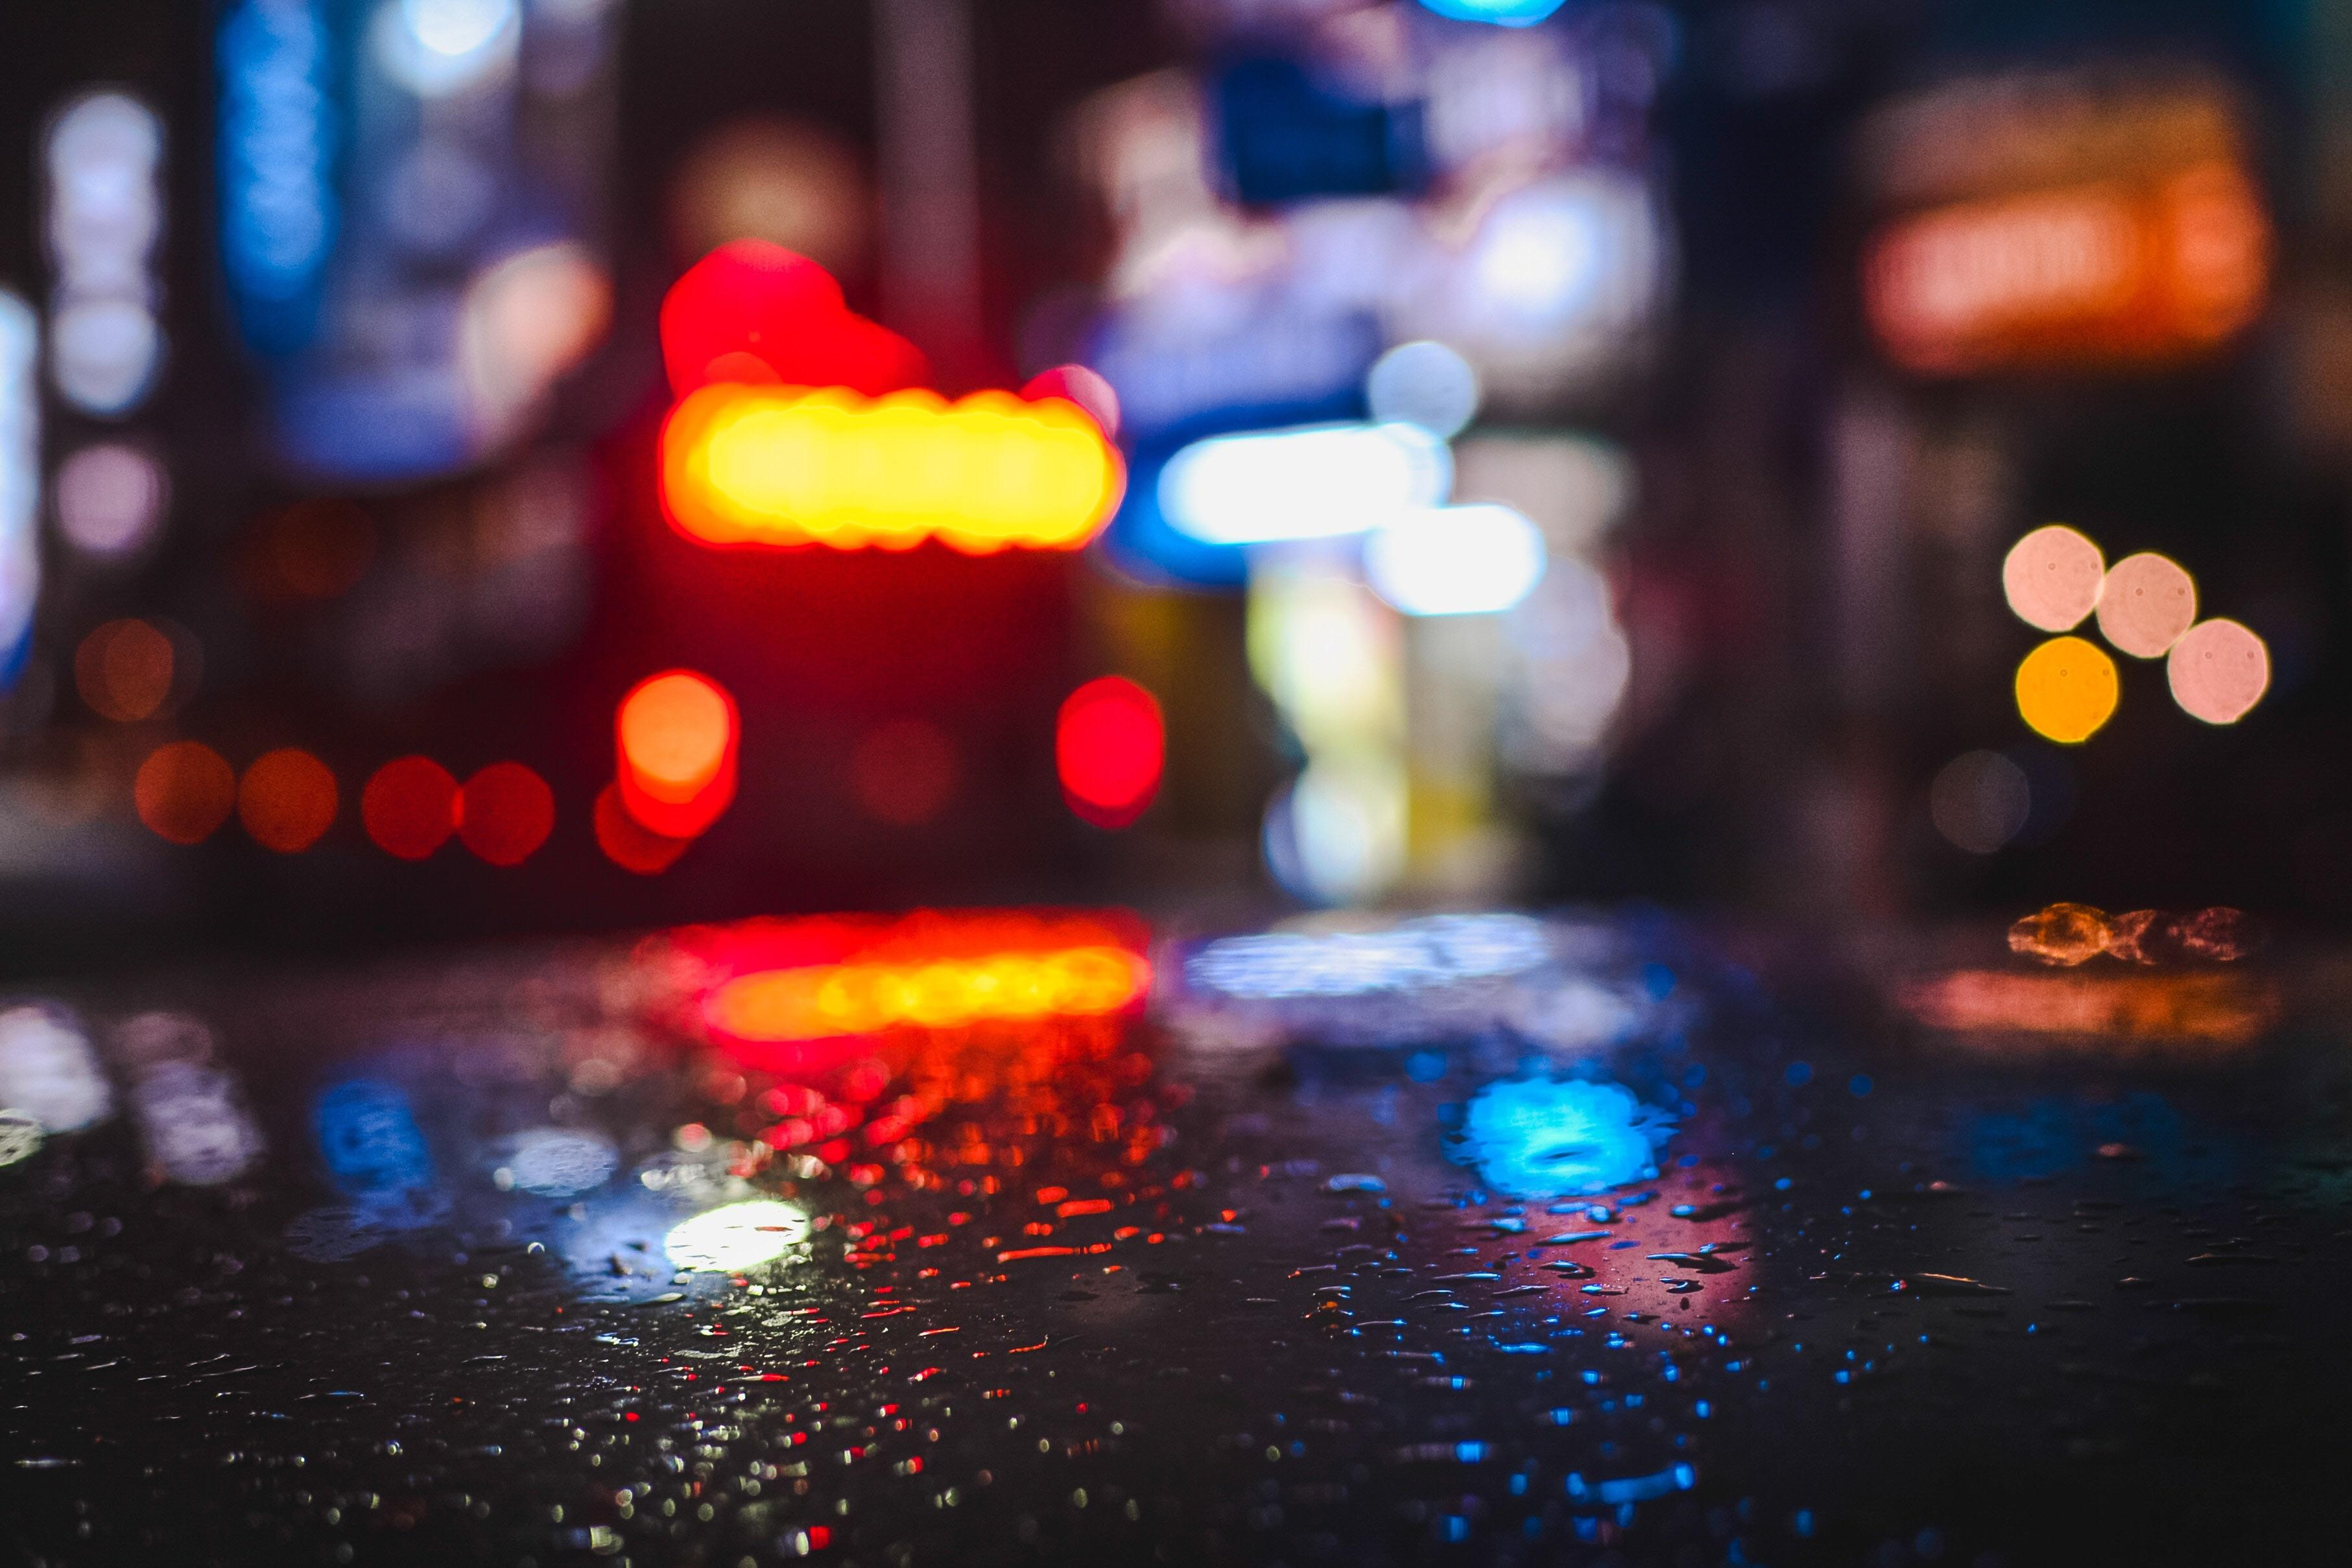 rainy day 4k wallpaper - photo #10